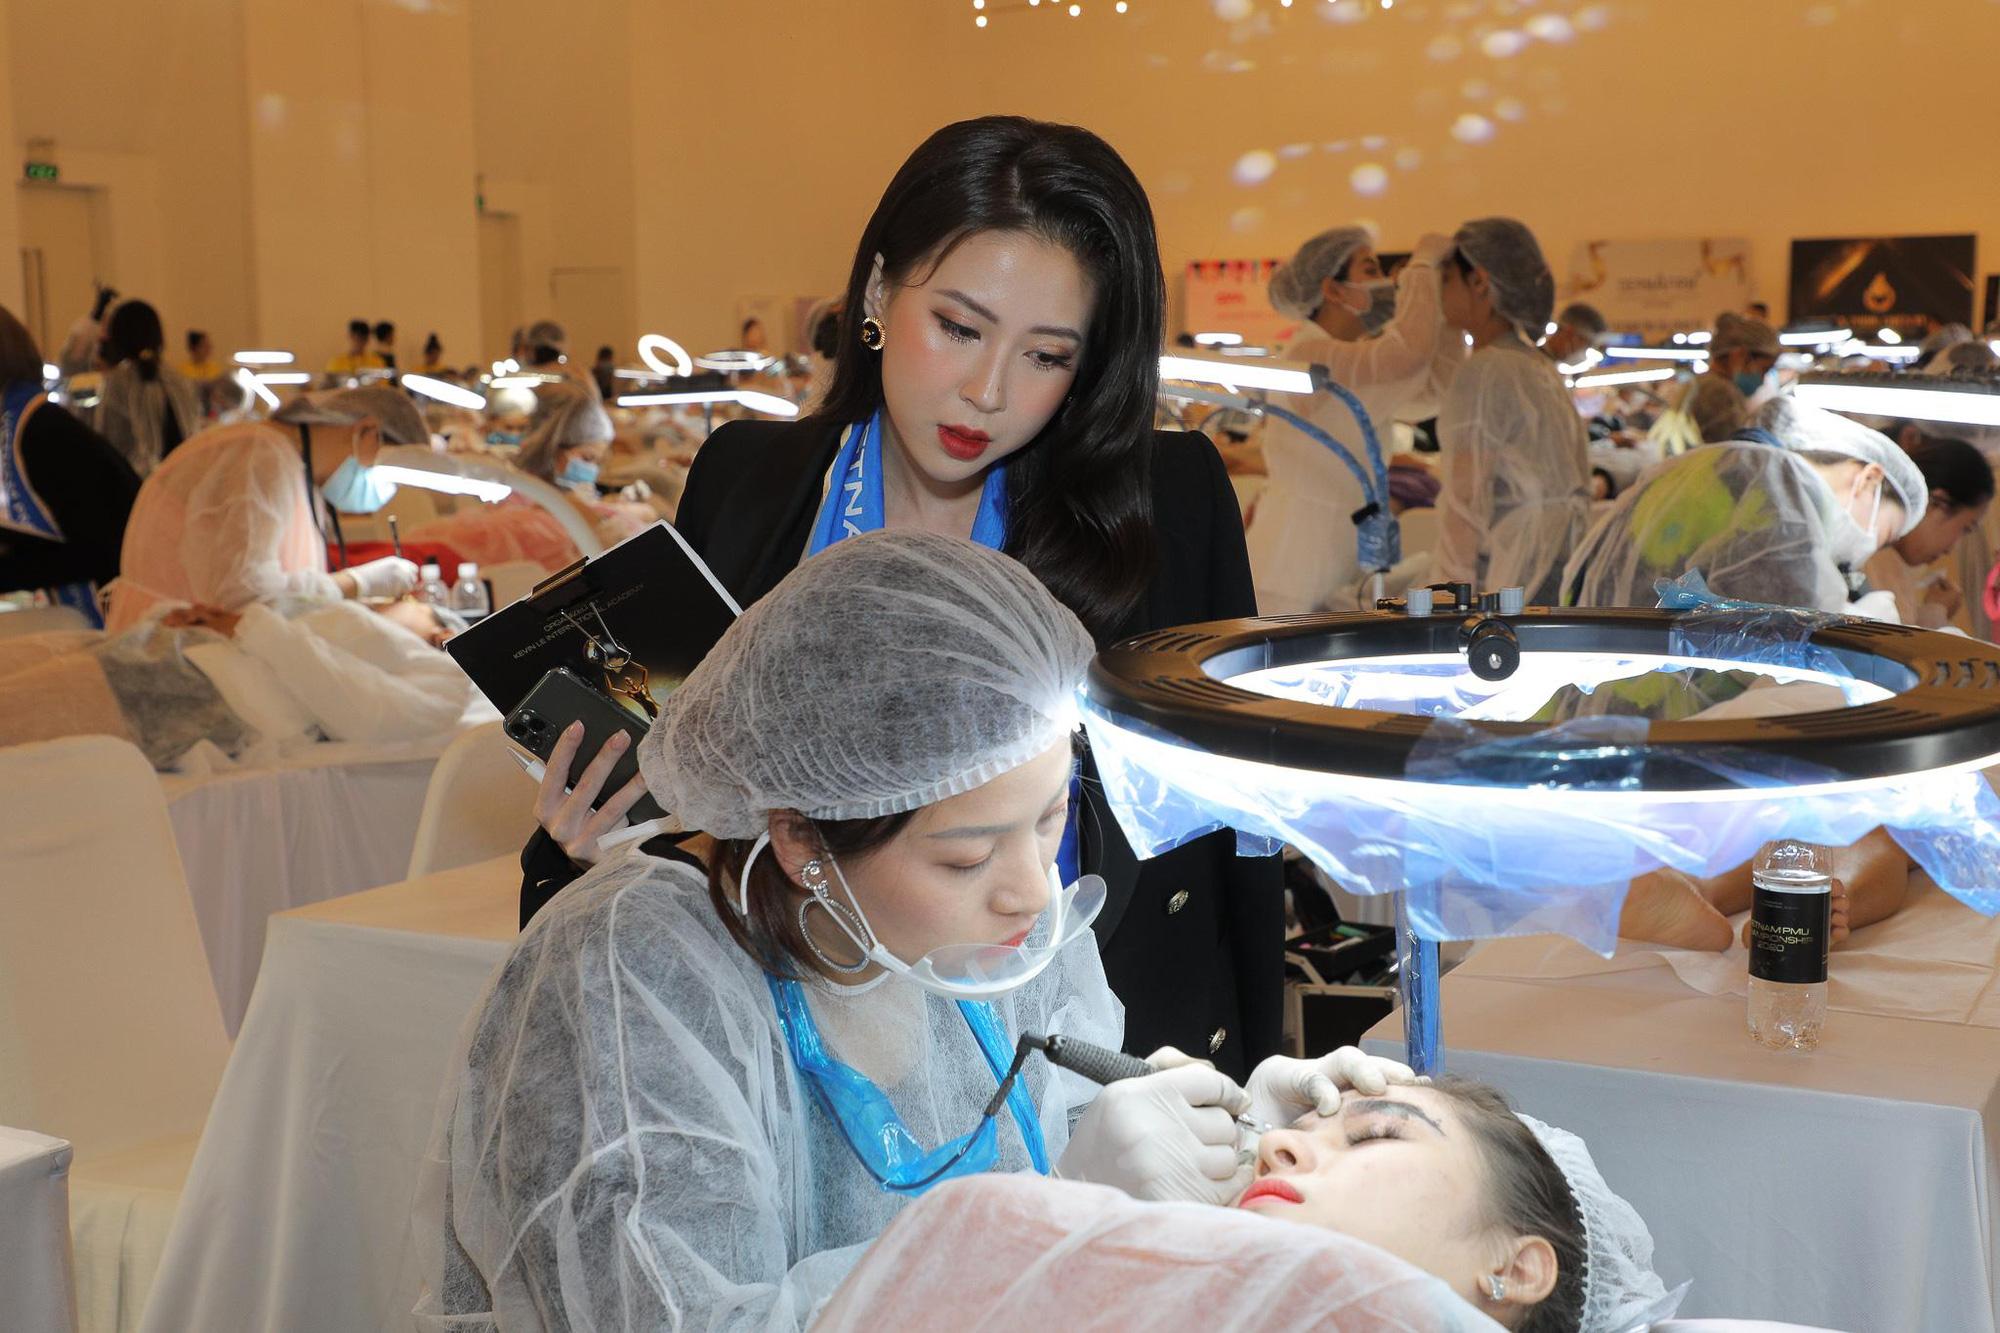 Học viên Hairstrokes của Hương Trà đạt giải cao trong cuộc thi PMU 2020 - Ảnh 4.